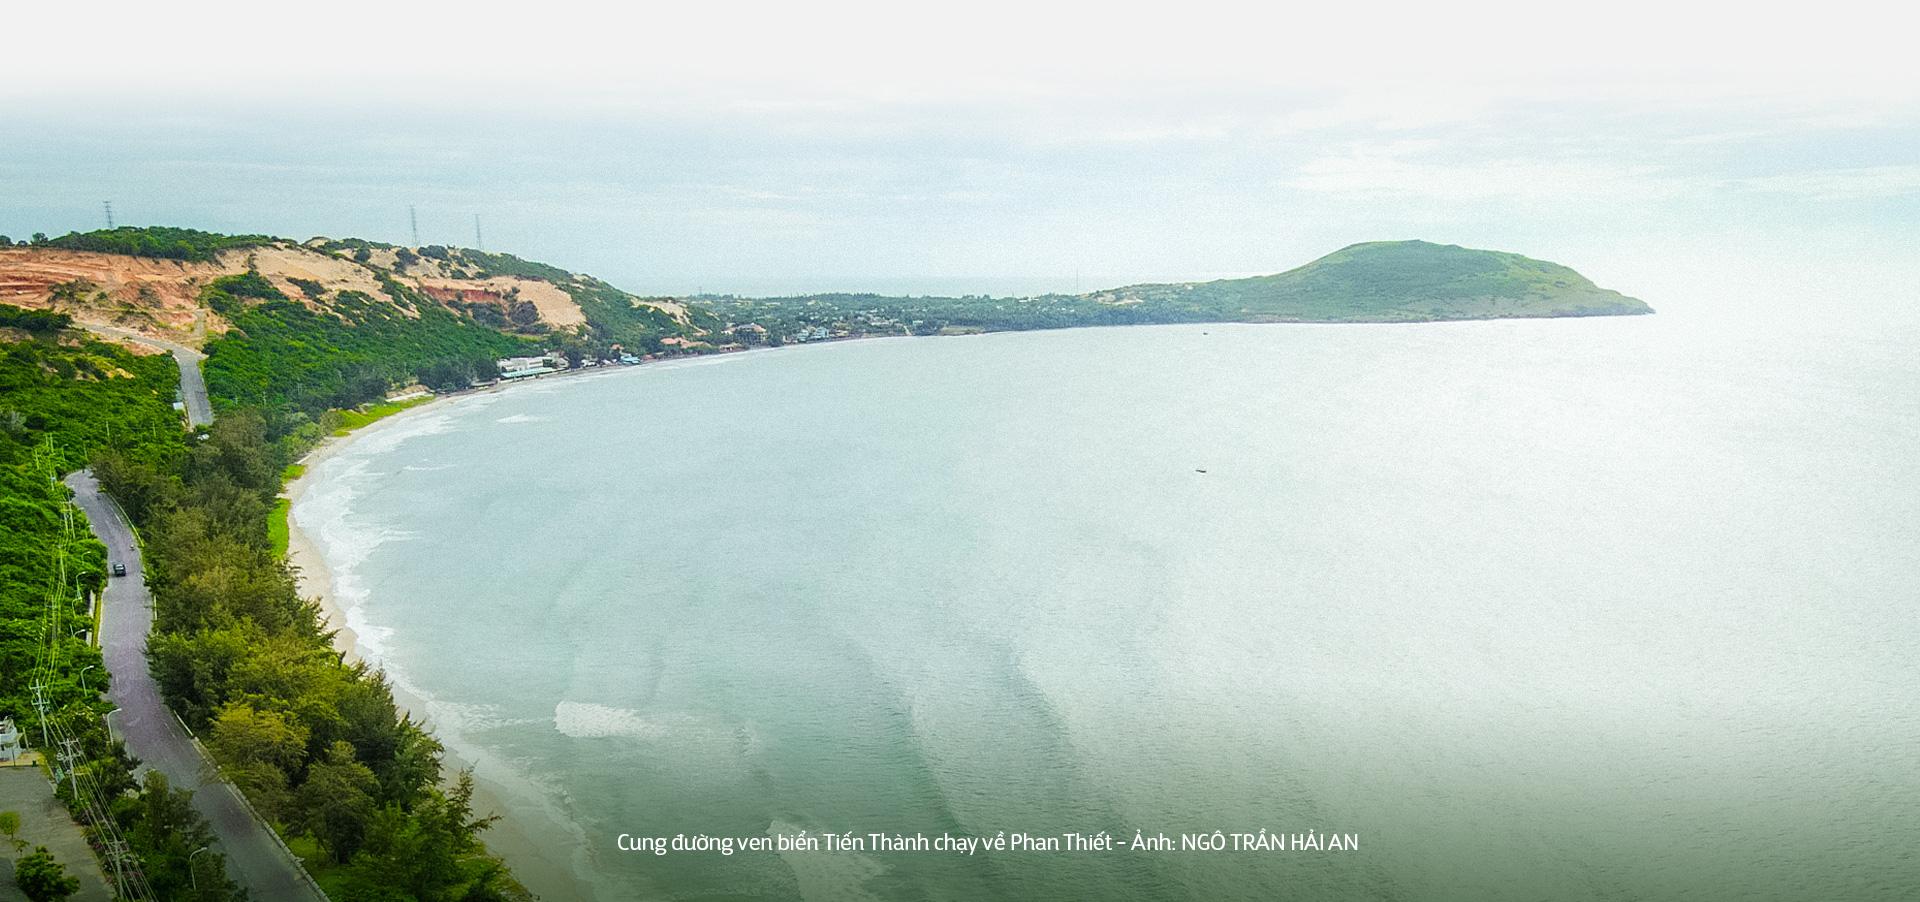 """(Kì 1) mới - Cung đường biển """"5 sao"""": Bình Thuận - Ninh Thuận - Khánh Hòa - Phú Yên - Bình Định - Ảnh 4."""